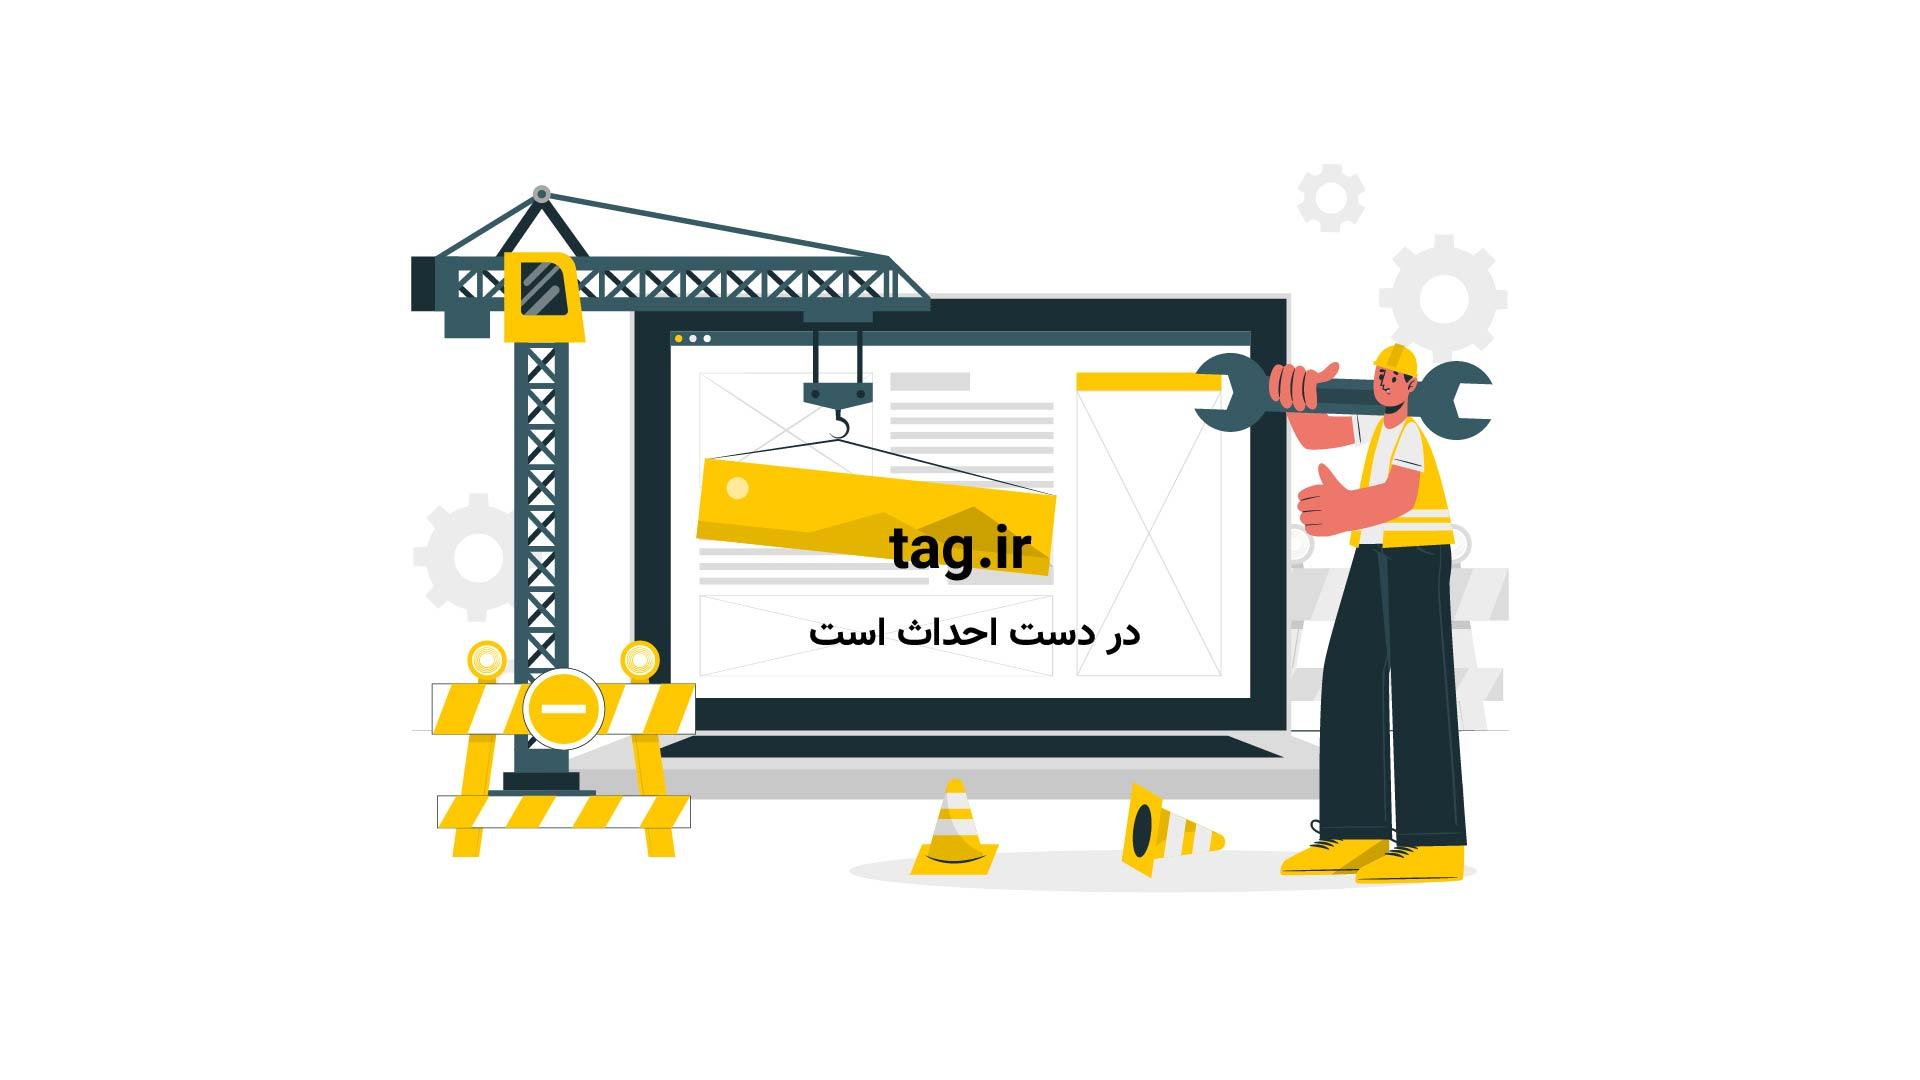 گزارشي از ثبت نقل و انتقال خودروها | فیلم